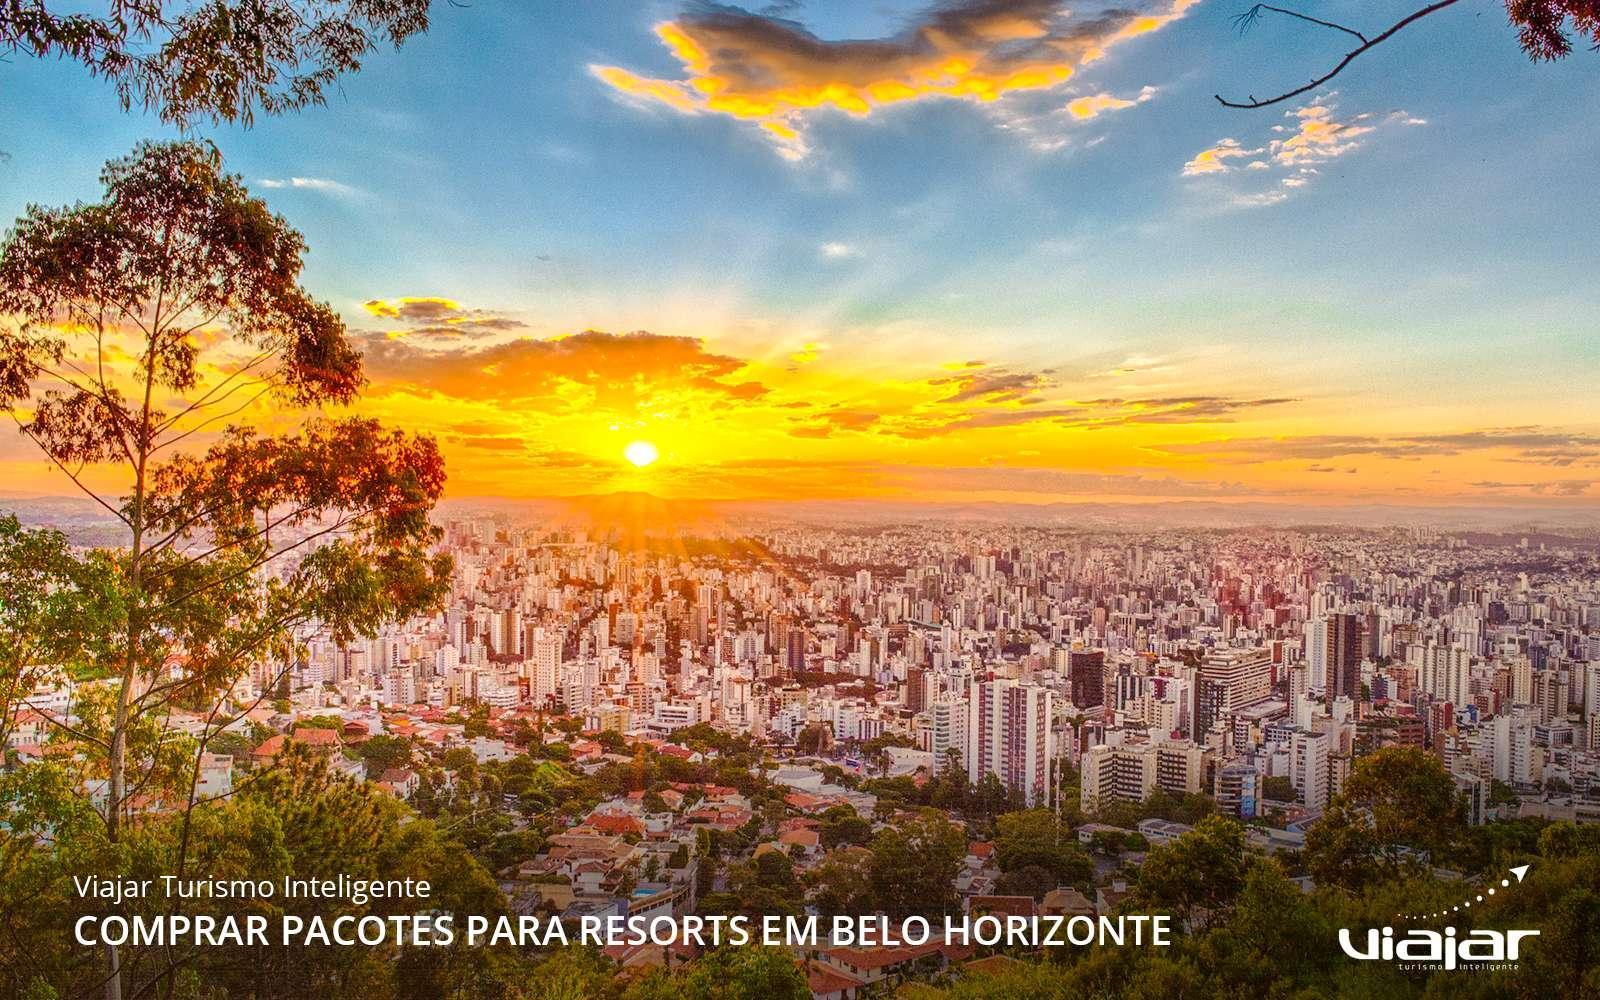 viajar-turismo-inteligente-comprar-pacotes-resorts-belo-horizonte-minas-gerais-19-1